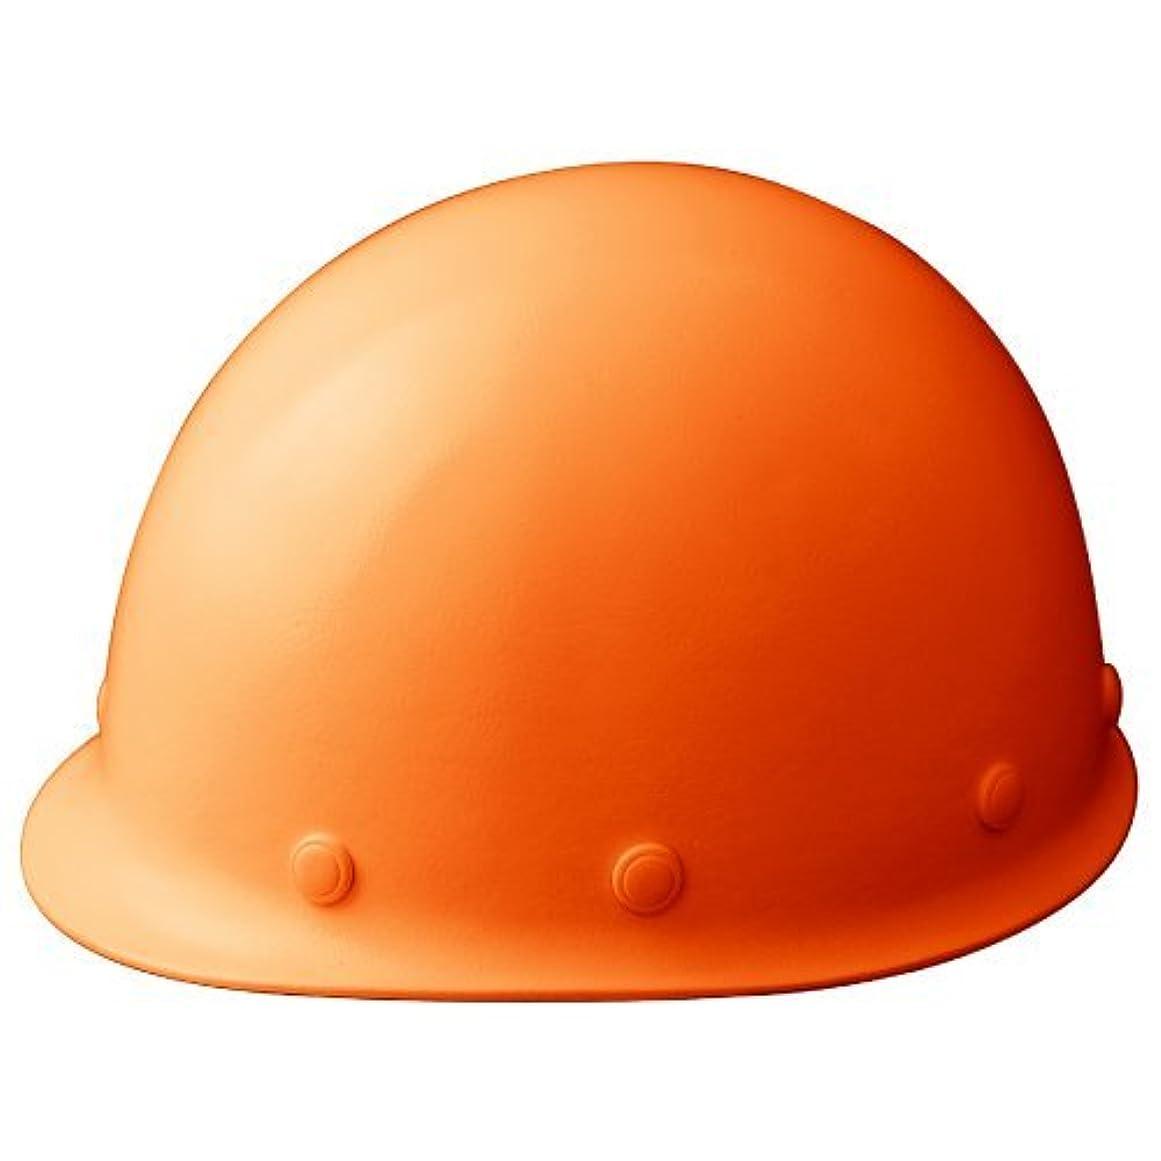 被害者音楽家ワーカーミドリ安全 軽量 ヘルメット 一般作業用 熱場作業用 SCLMT RA オレンジ